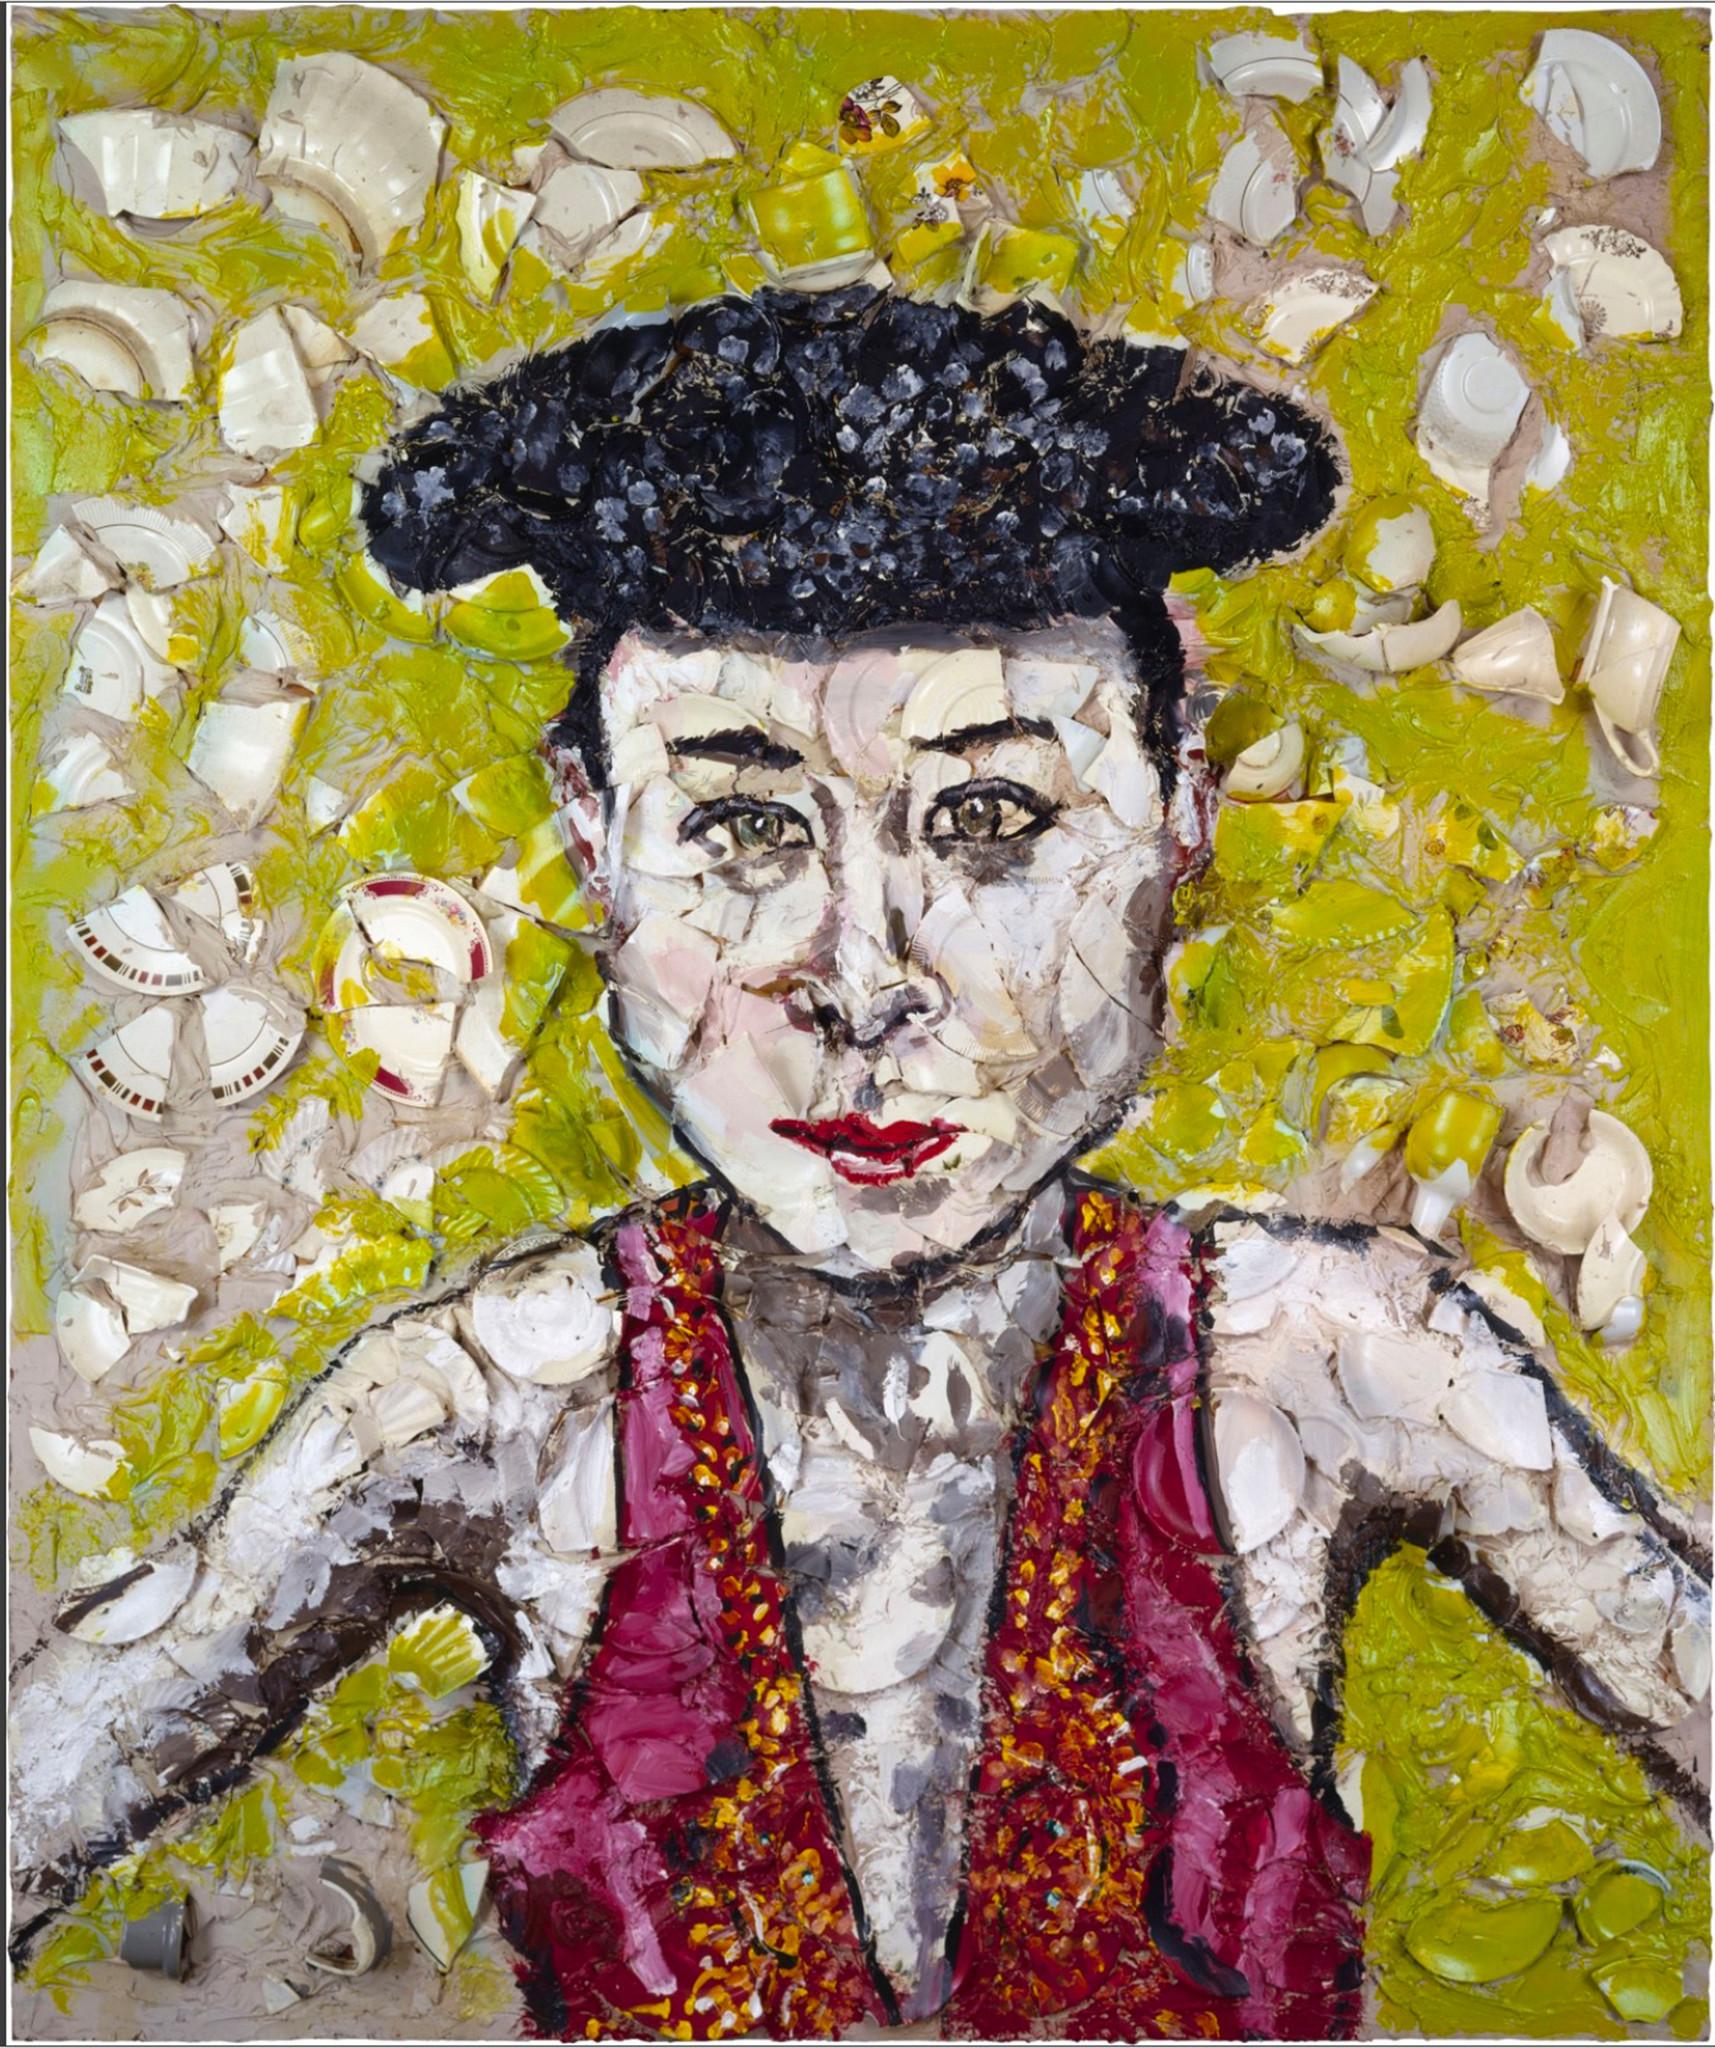 Julian Schnabel's painting,